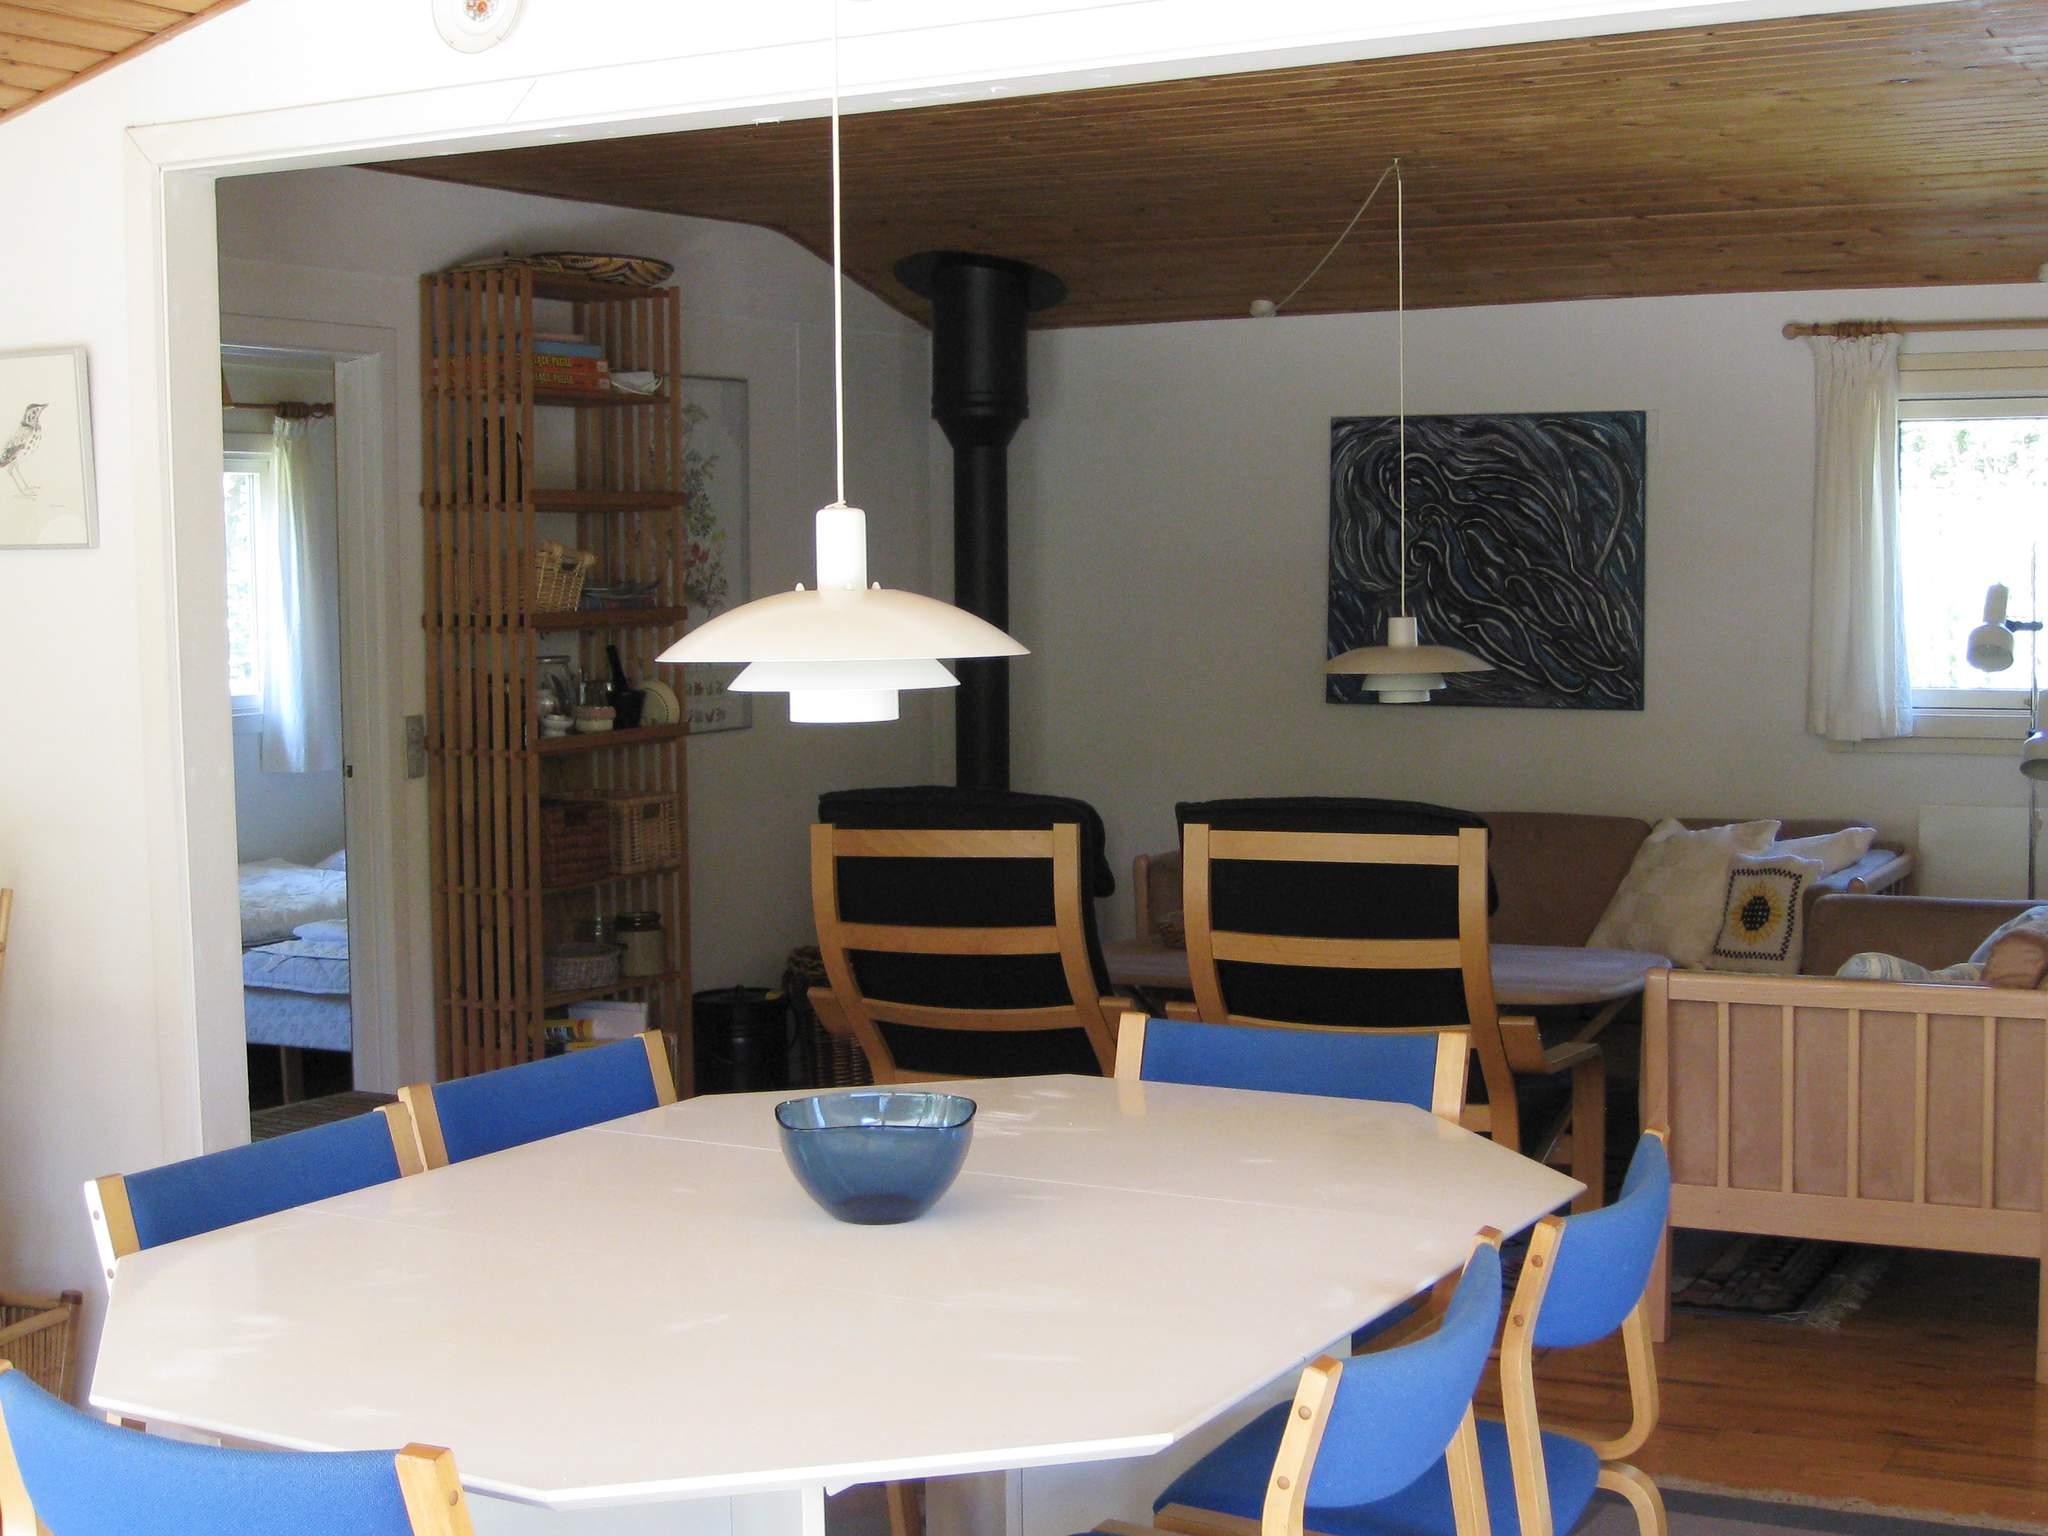 Ferienhaus Hummingen (85638), Hummingen, , Lolland, Dänemark, Bild 3